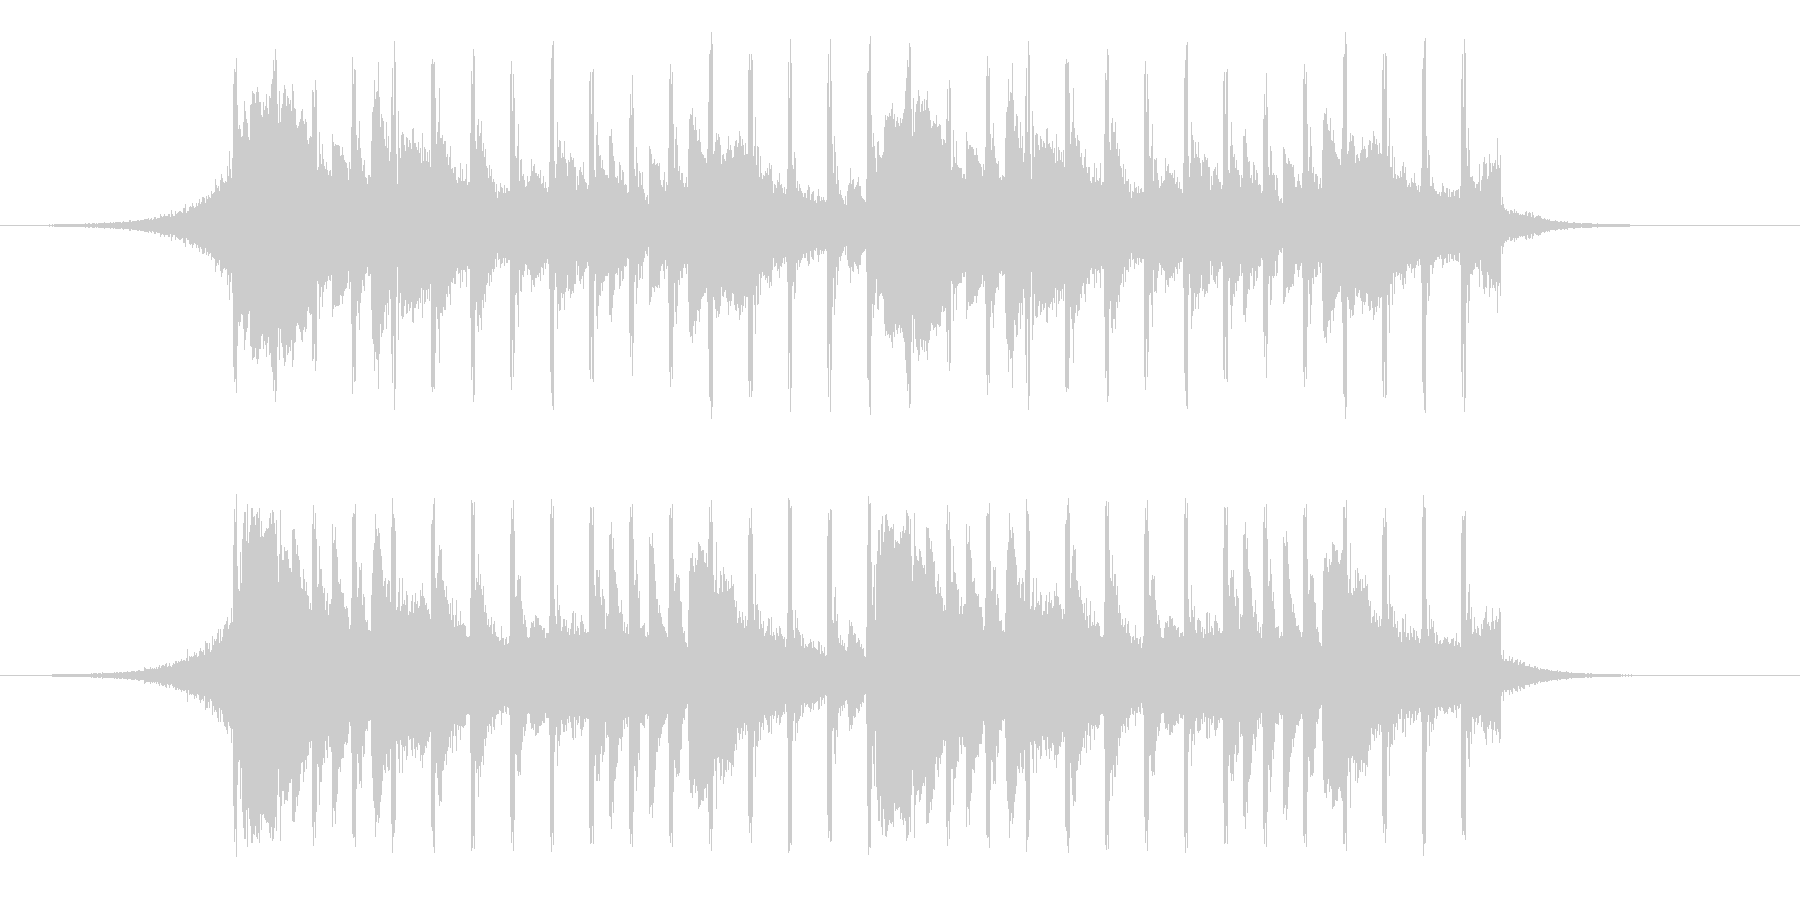 【爽やか】かわいい、軽快なBGMの未再生の波形